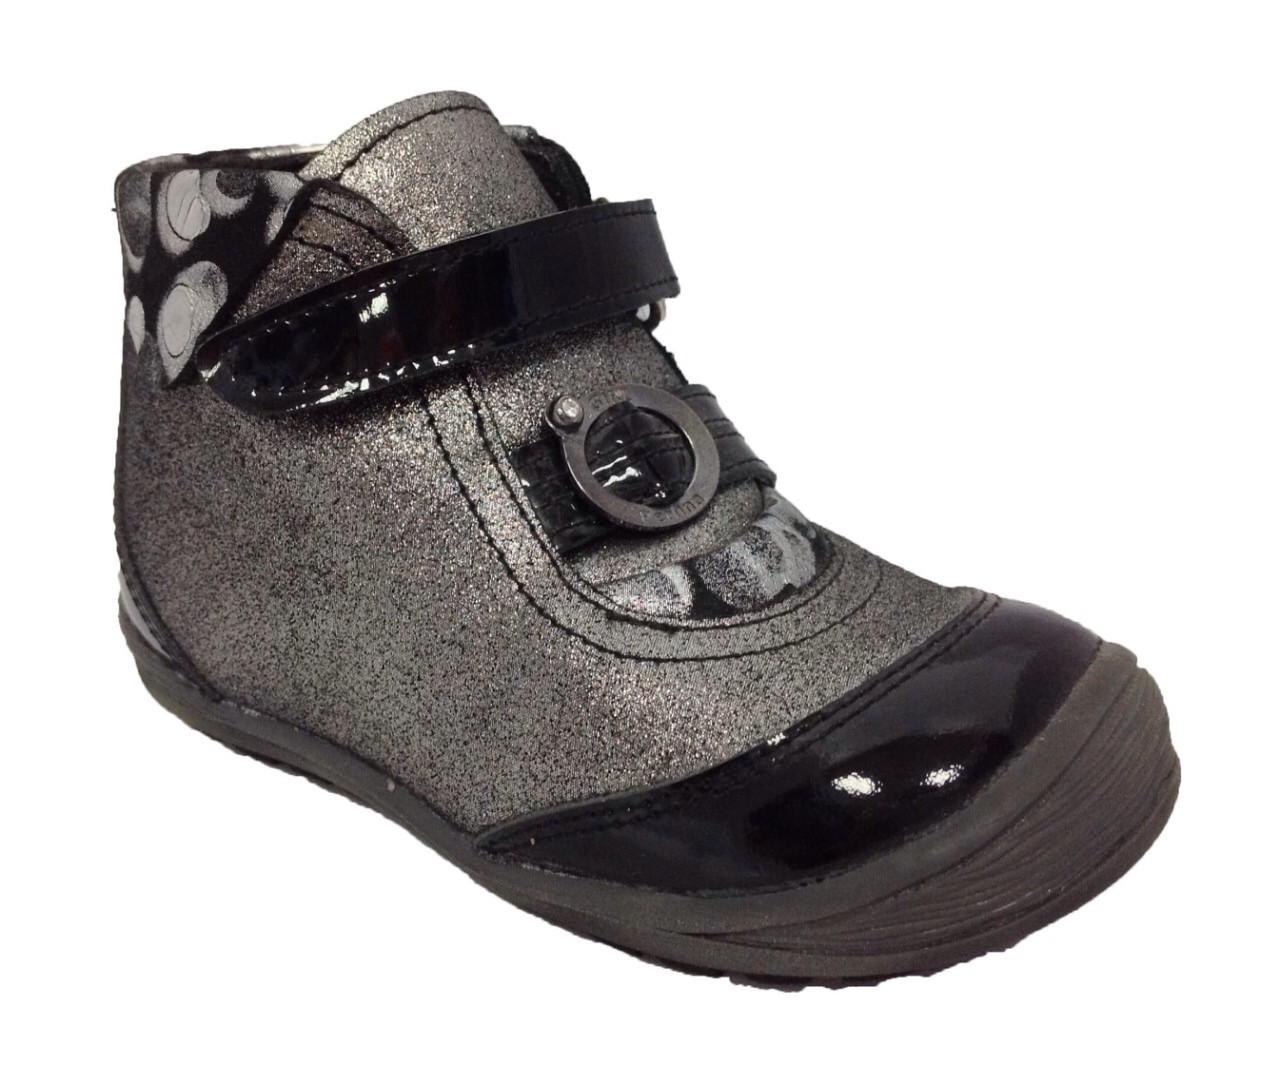 Ортопедические кожаные ботинки Перлина Perlina р.22,23,24,25 - Minimen Orthopedic Kidsshoes  в Киеве